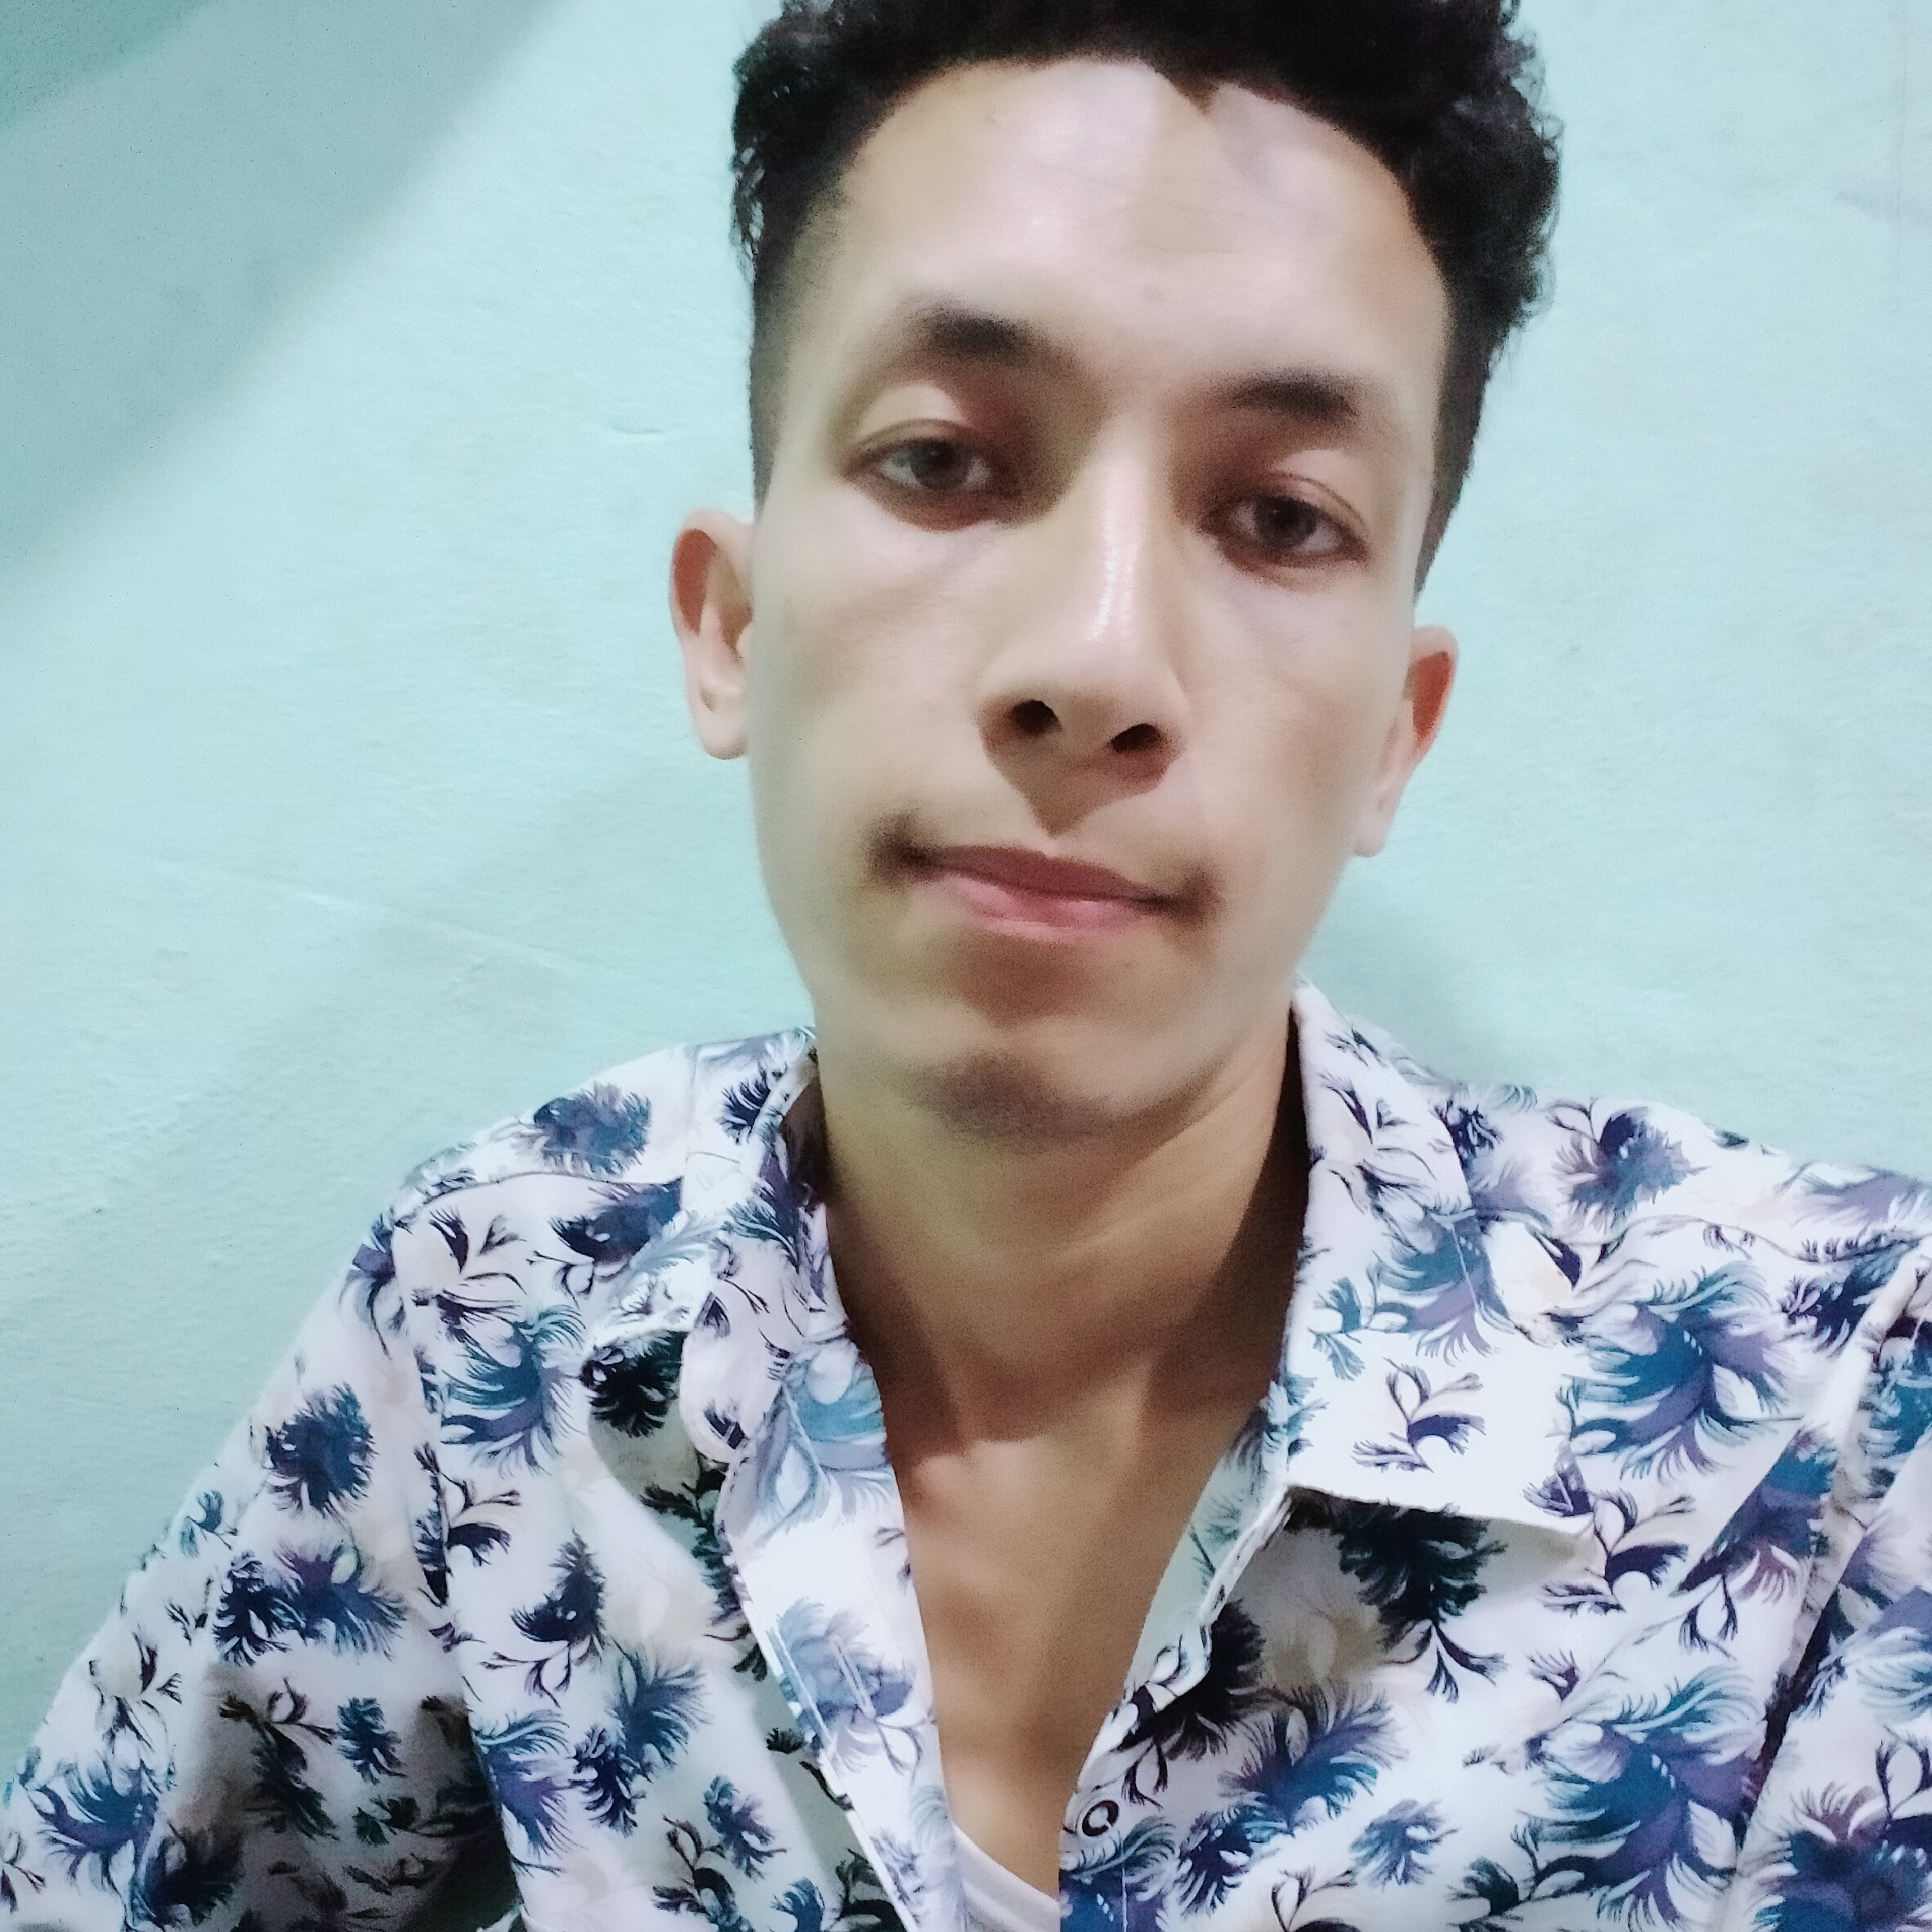 Sanjay Chaudhary